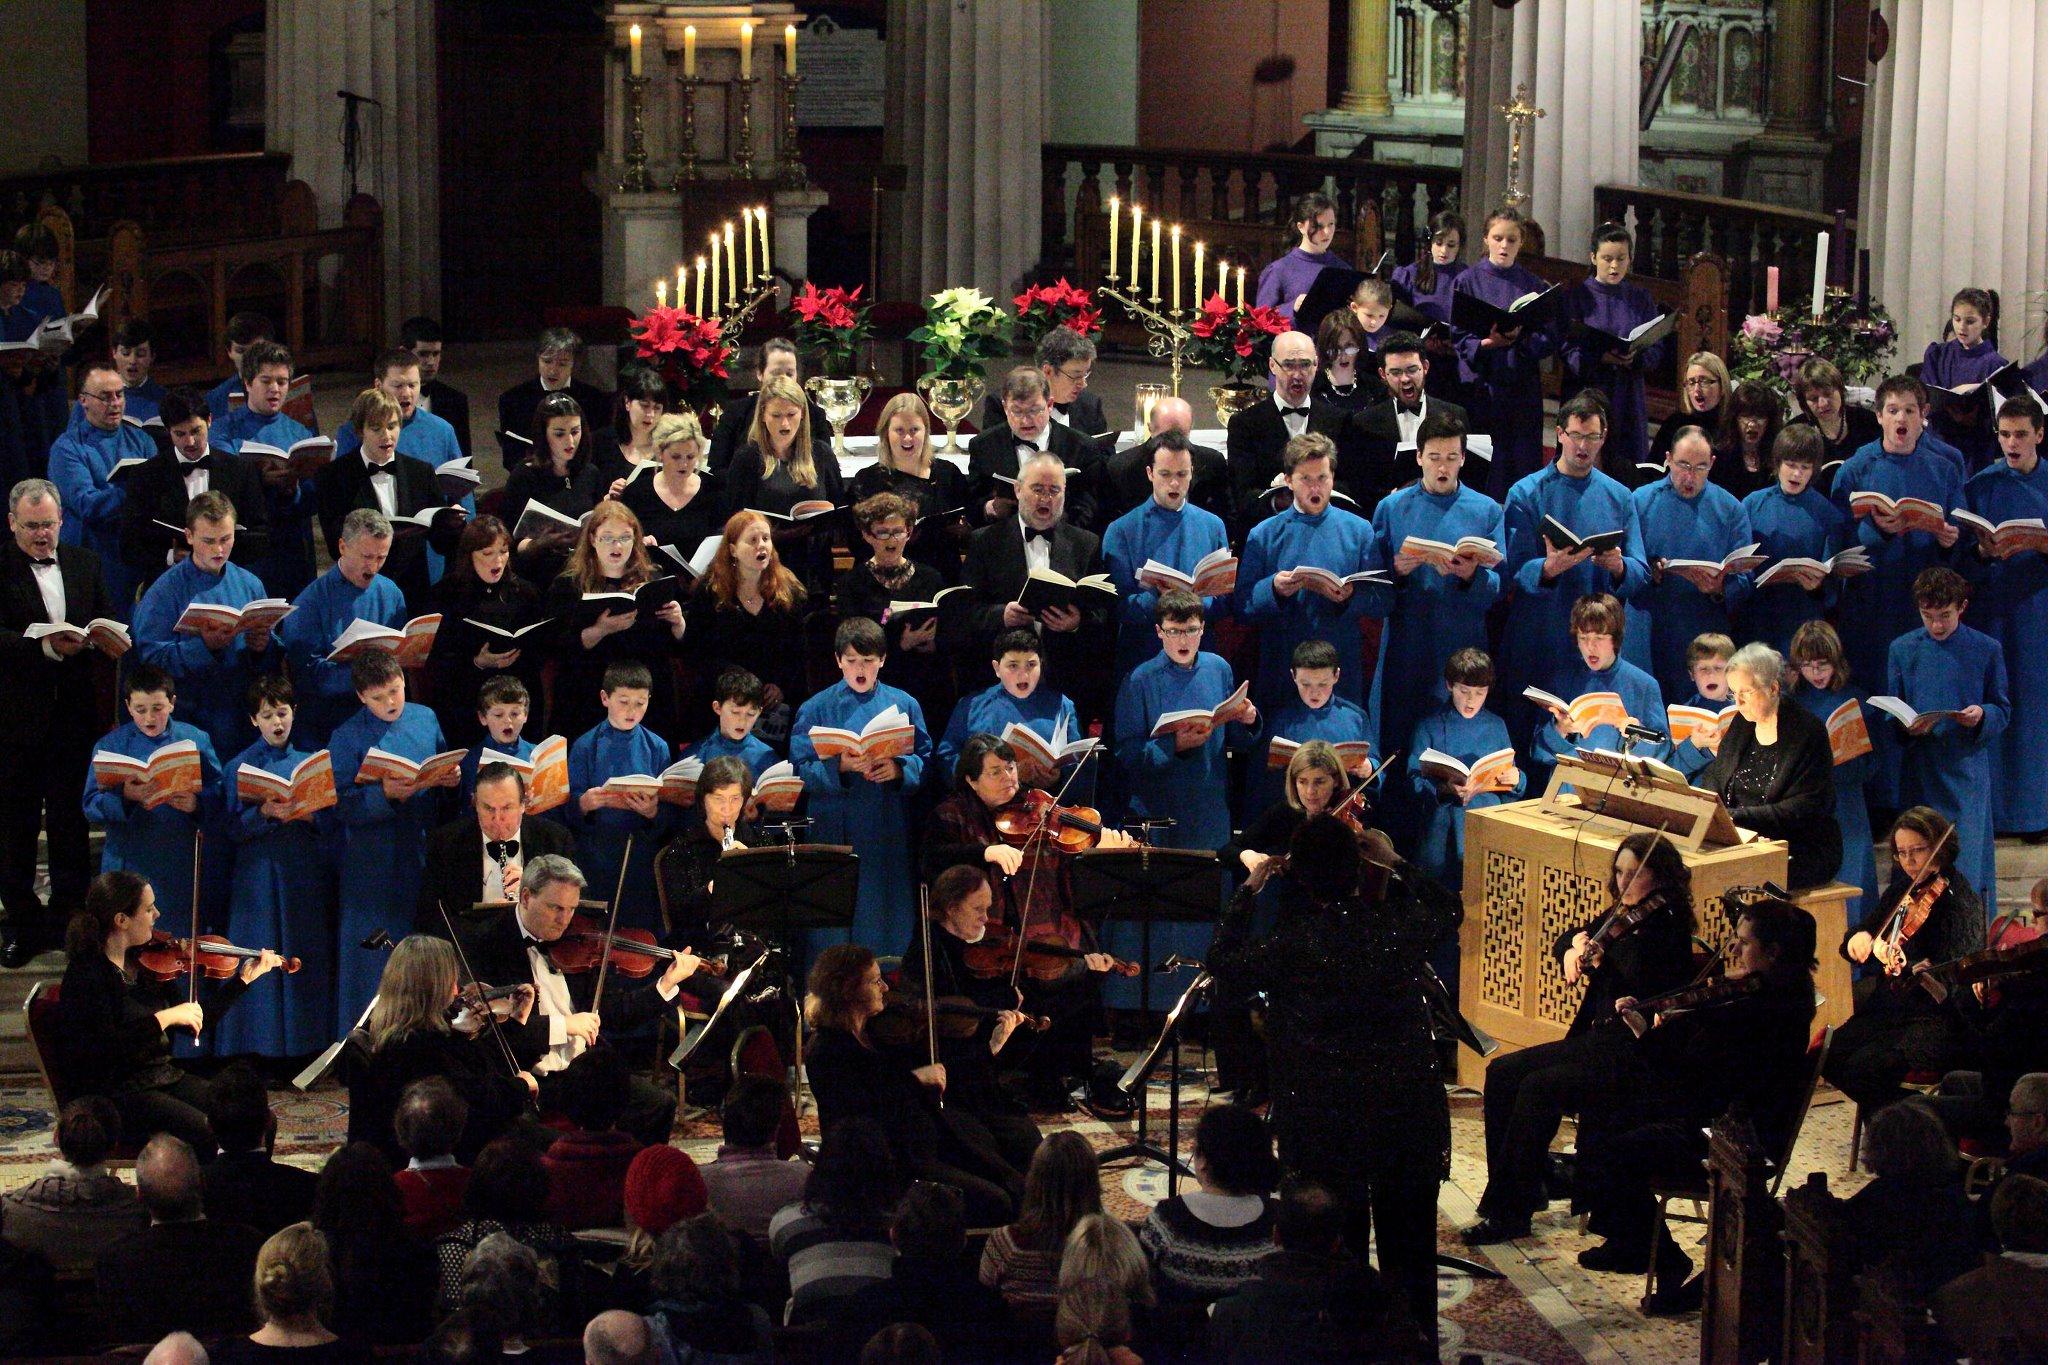 The Dublin Bach Singers Festive Christmas Concert